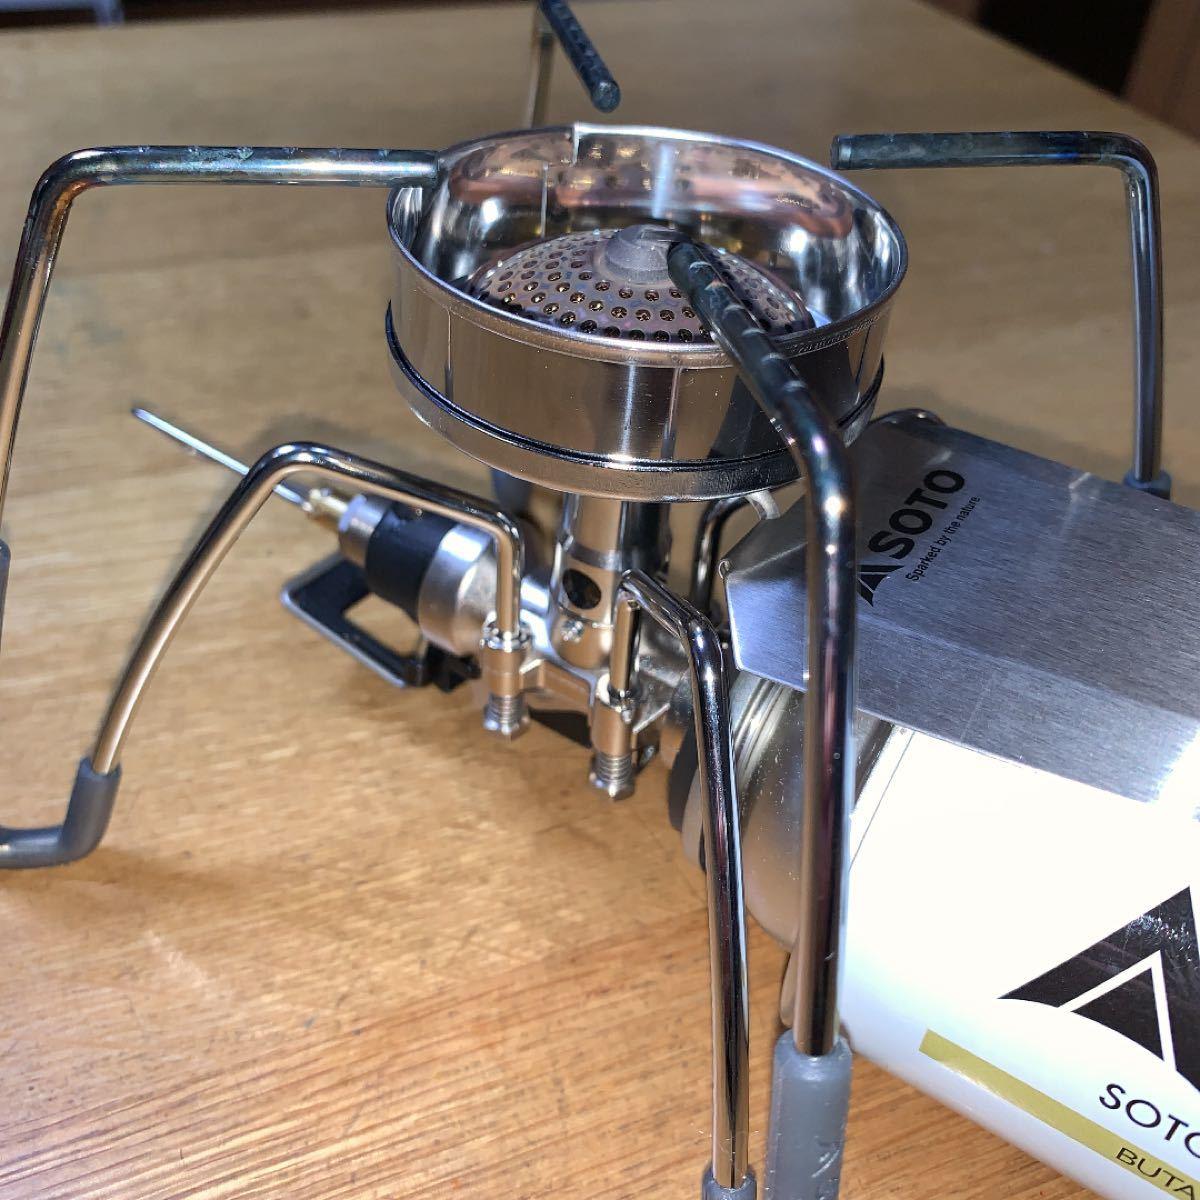 シングルバーナーST-310用「風防」&ブッシュクラフト麻袋 新品